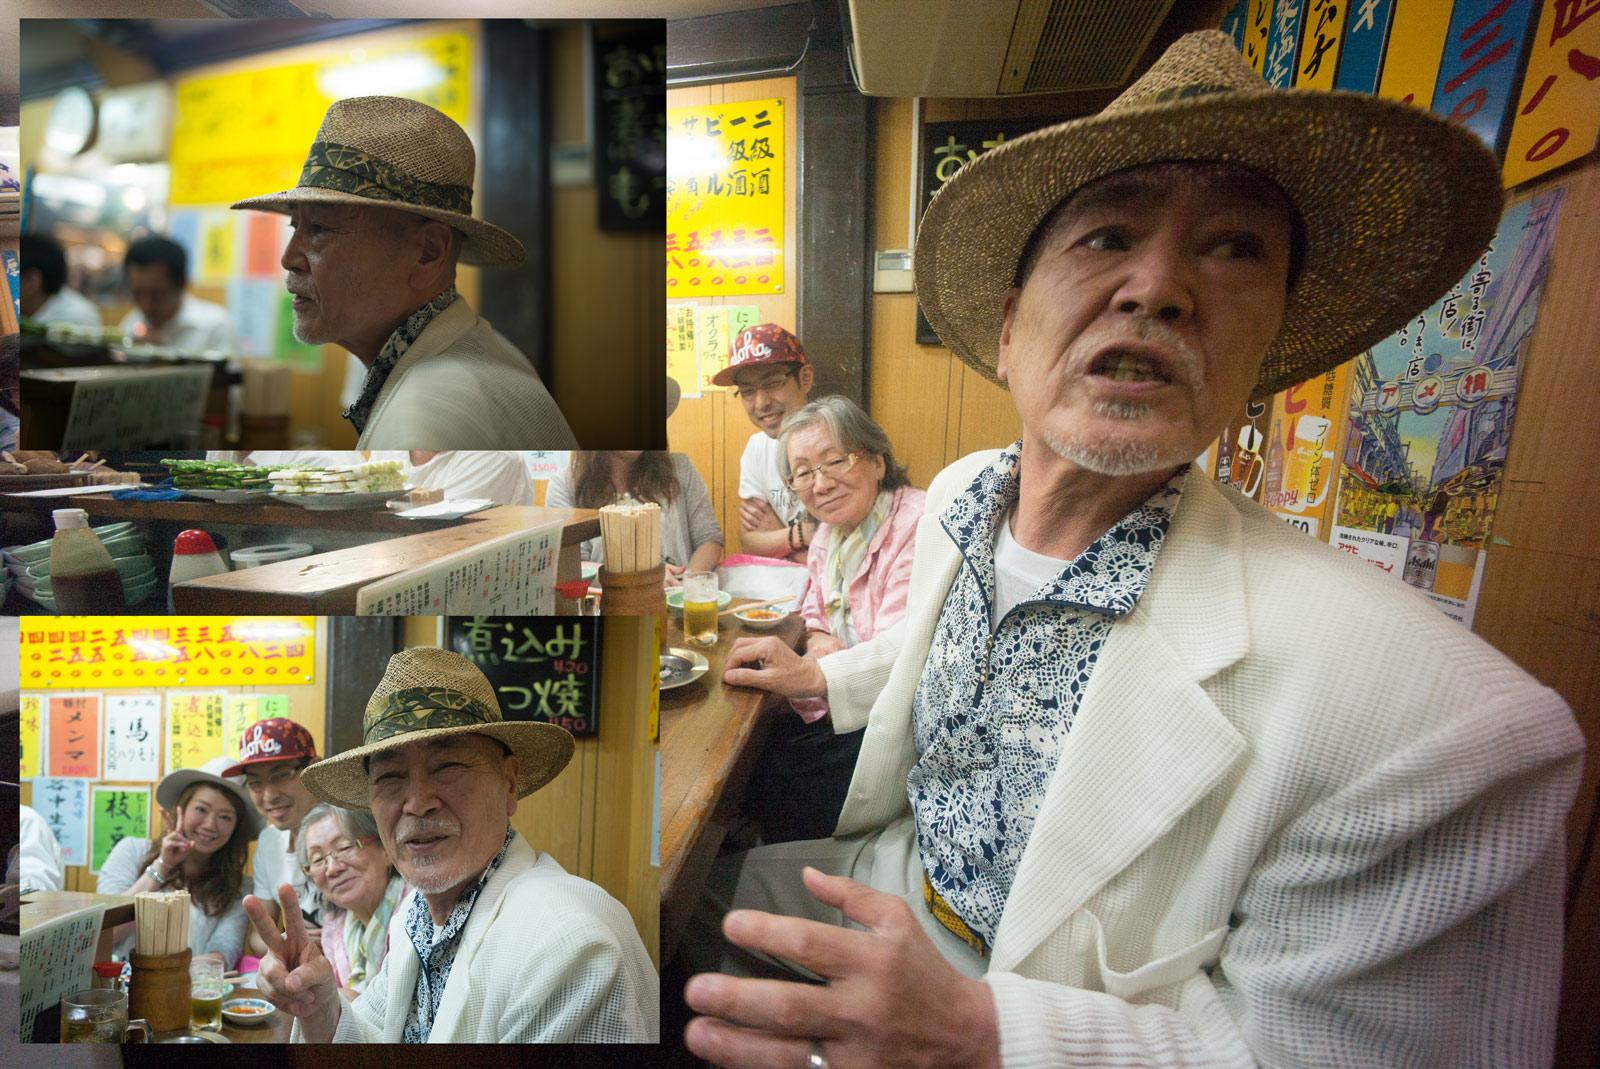 上野_a0271402_12451875.jpg